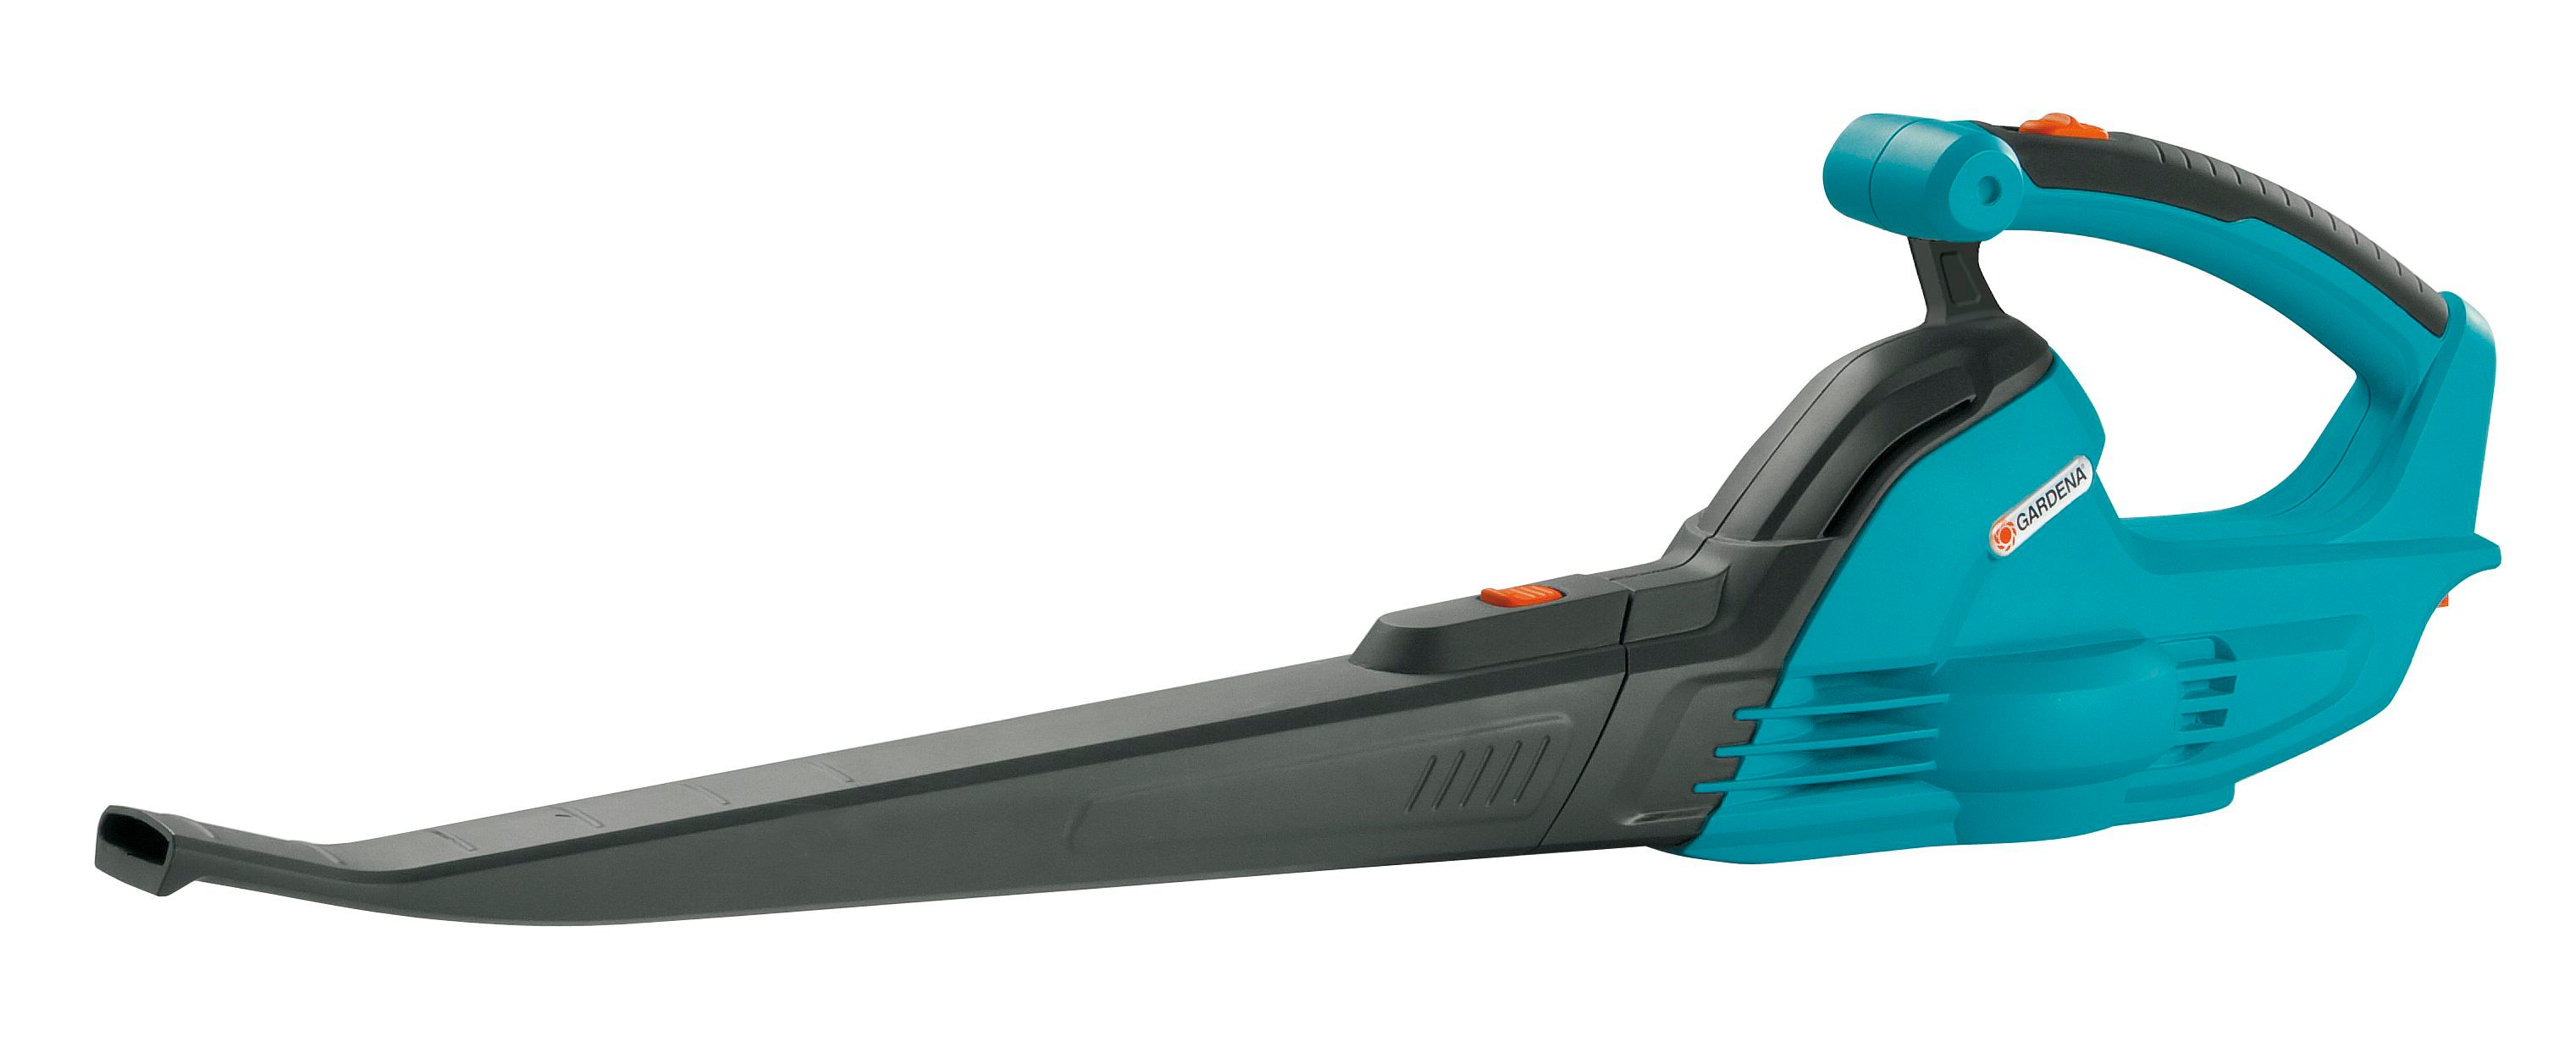 GARDENA Allround Laubbläser AkkuJet Li-18 ohne Akku 09335-55 Bild 1